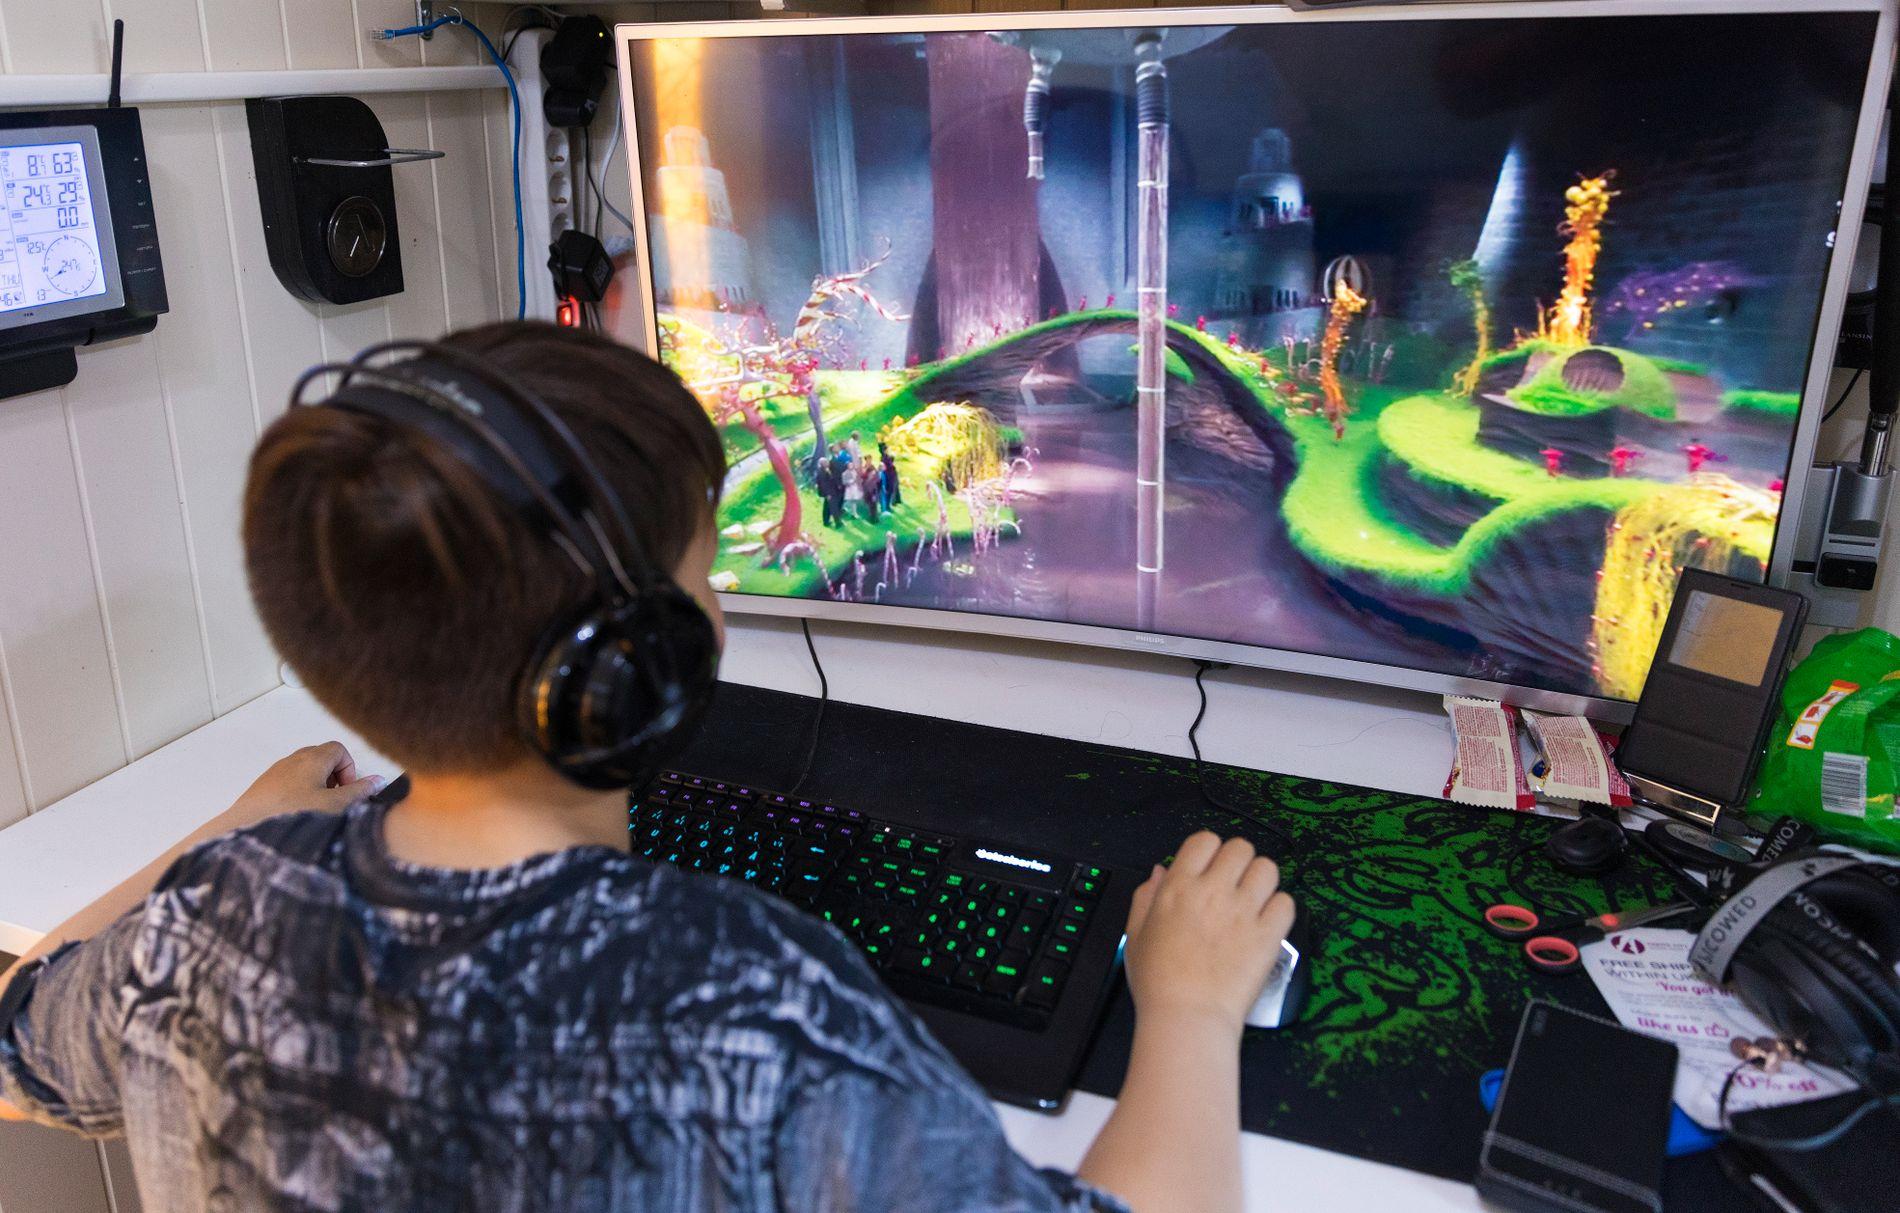 DATASPILL: Foreldre bør støtte barn som driver med gaming, mener Sivert Aarekol-Fjæra.